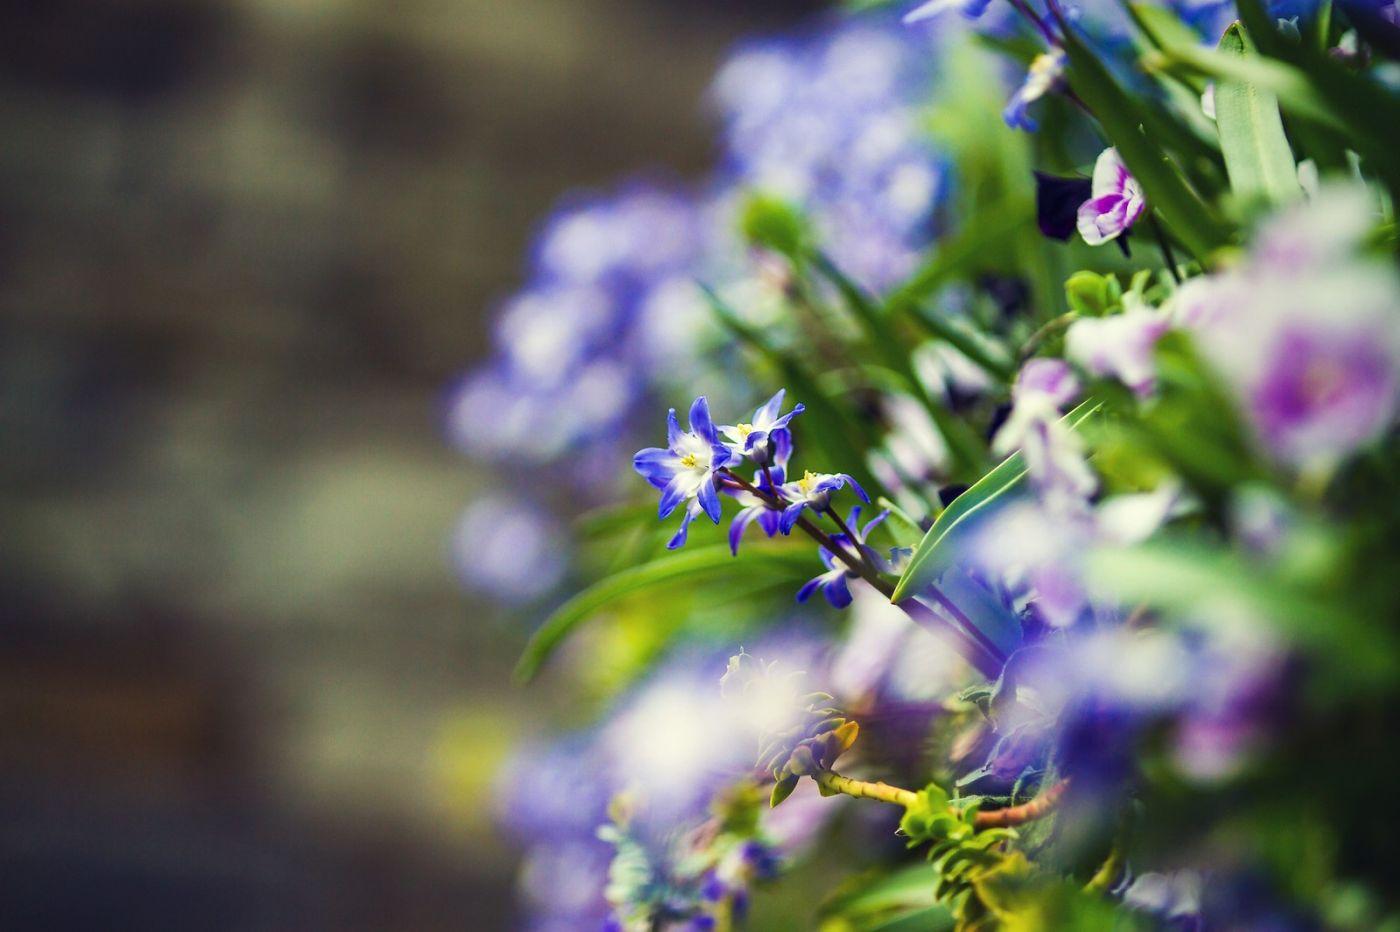 初春的脚步_图1-9